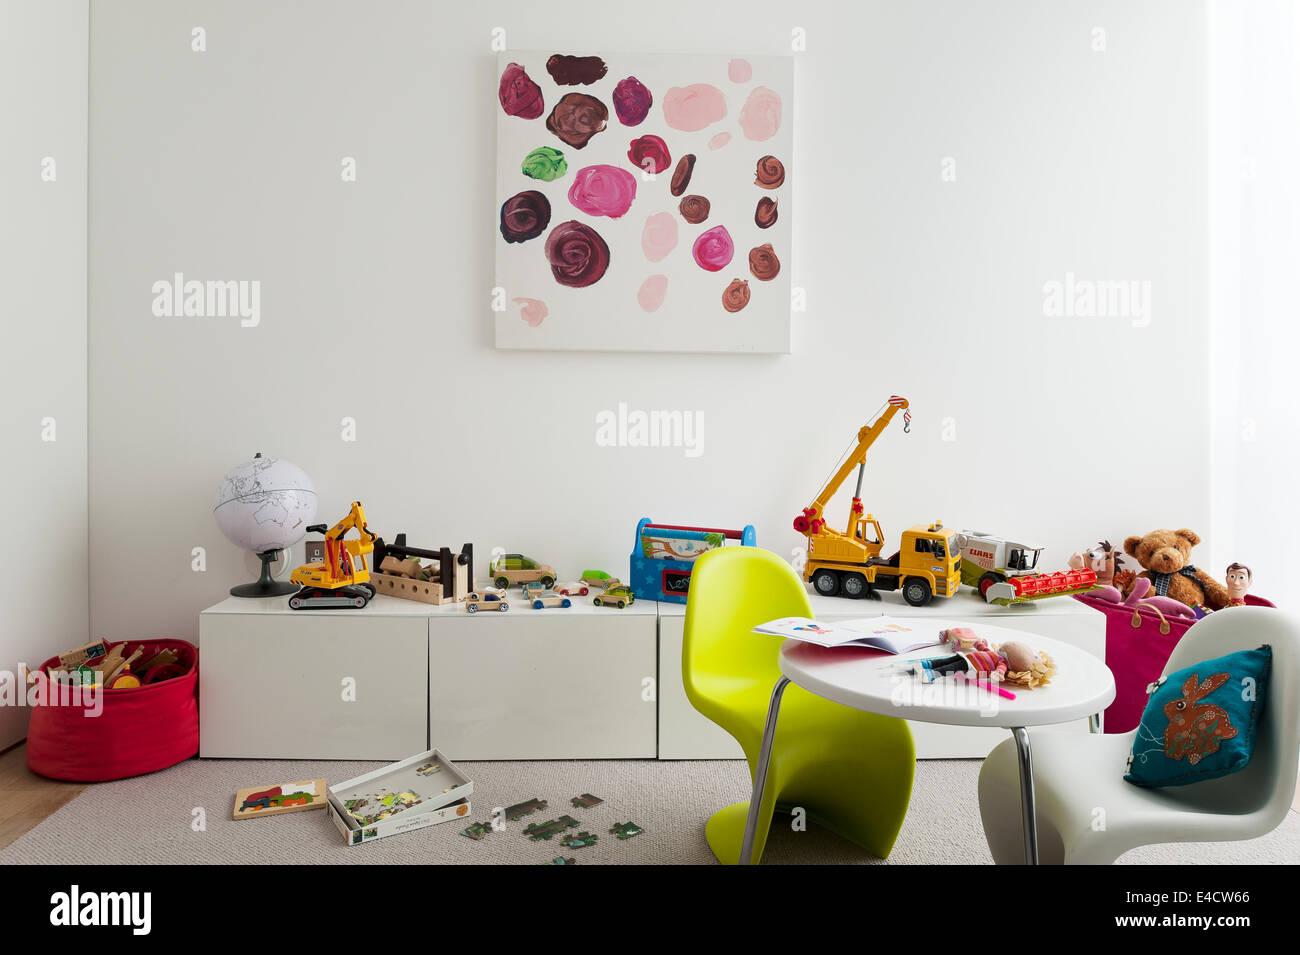 Verner Panton S Chairs In Kids Playroom